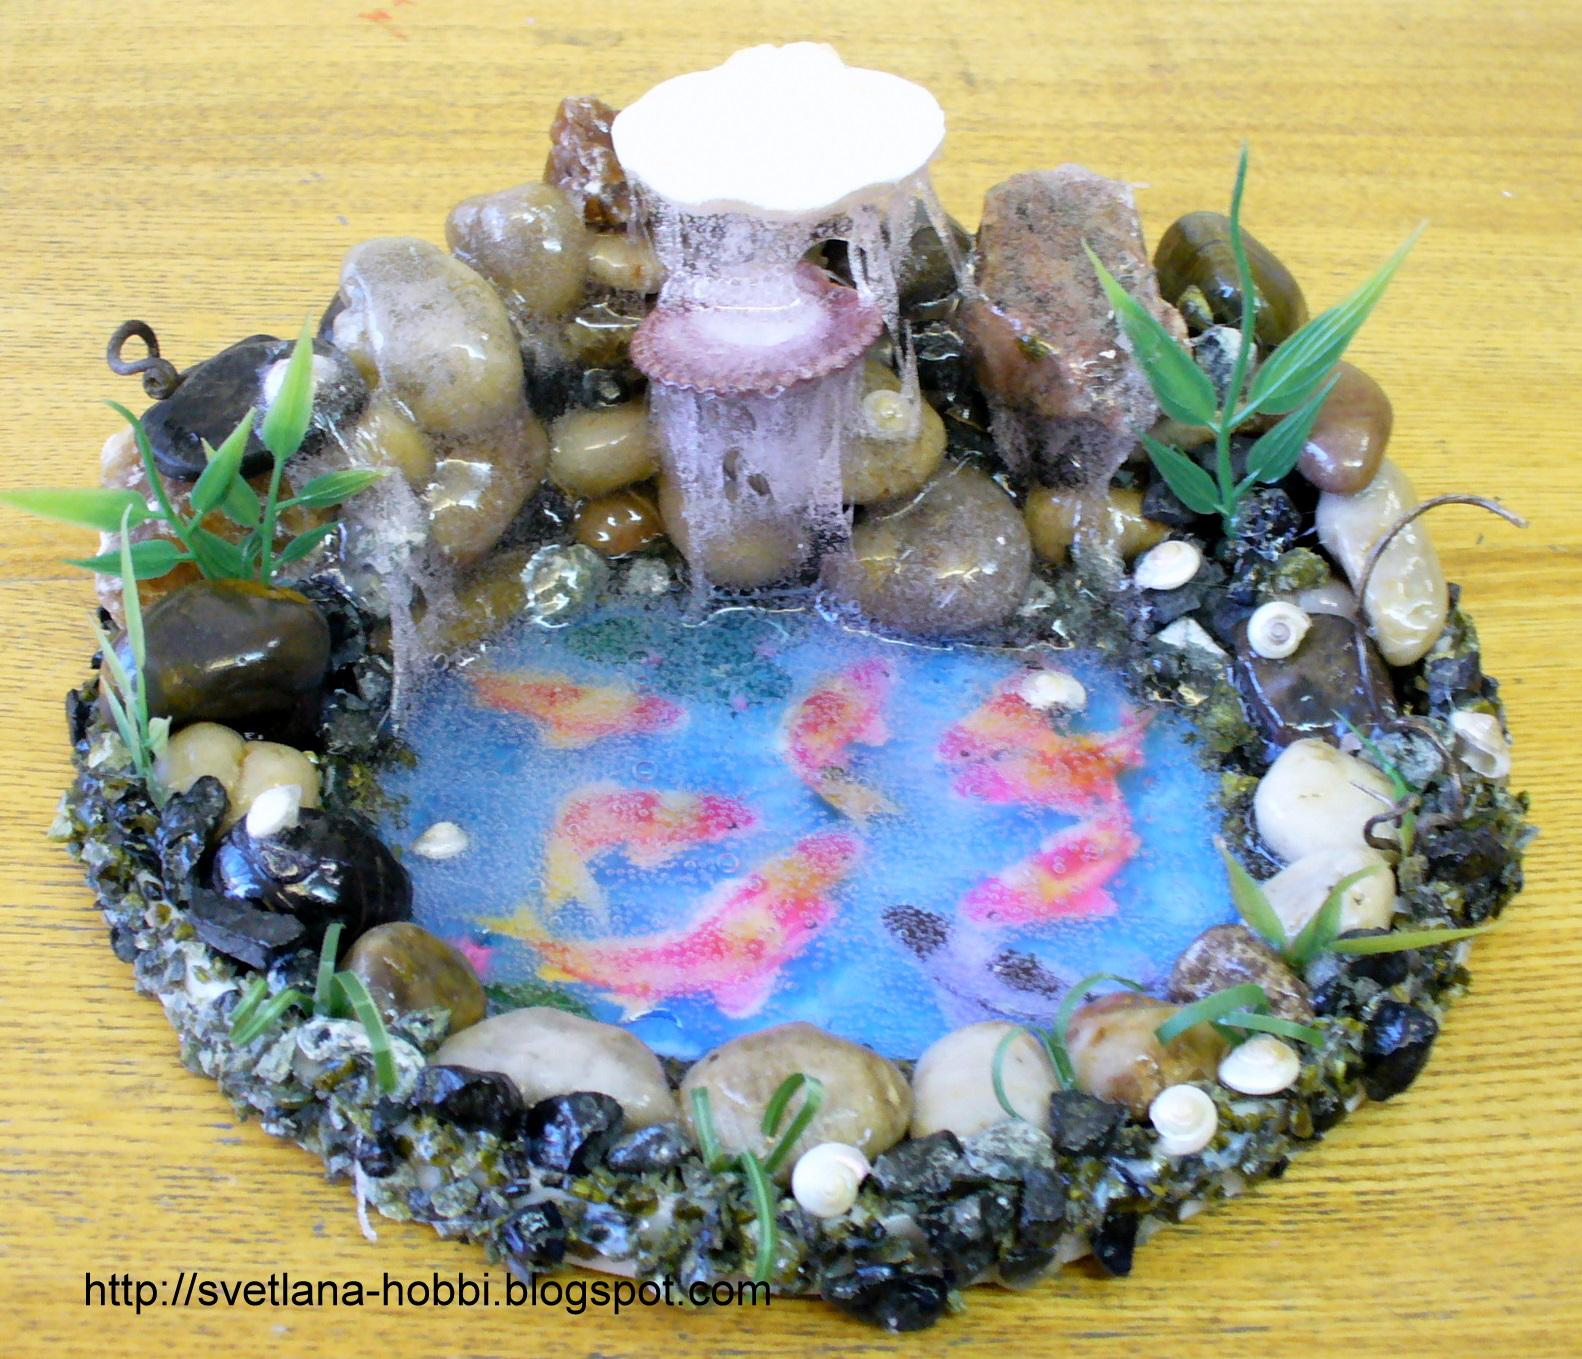 Настольный фонтан своими руками мастер класс с пошаговым